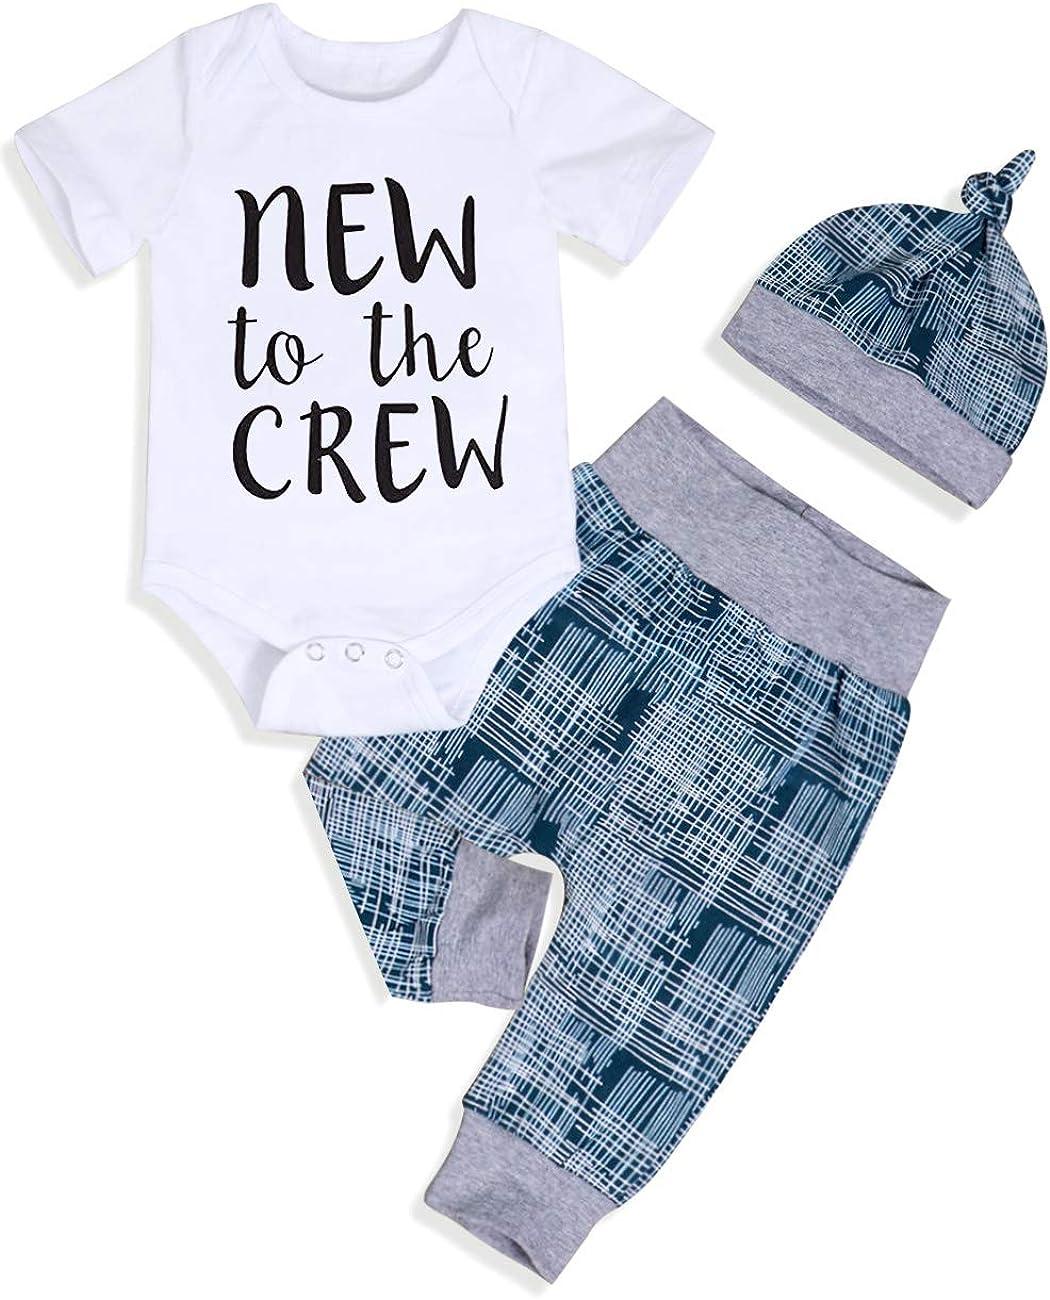 Newborn Baby Boy Summer Clothes Letter Print Romper+Colorblock Pants+Hat 3PCS Infant Boys Jumpsuit Outfits Set